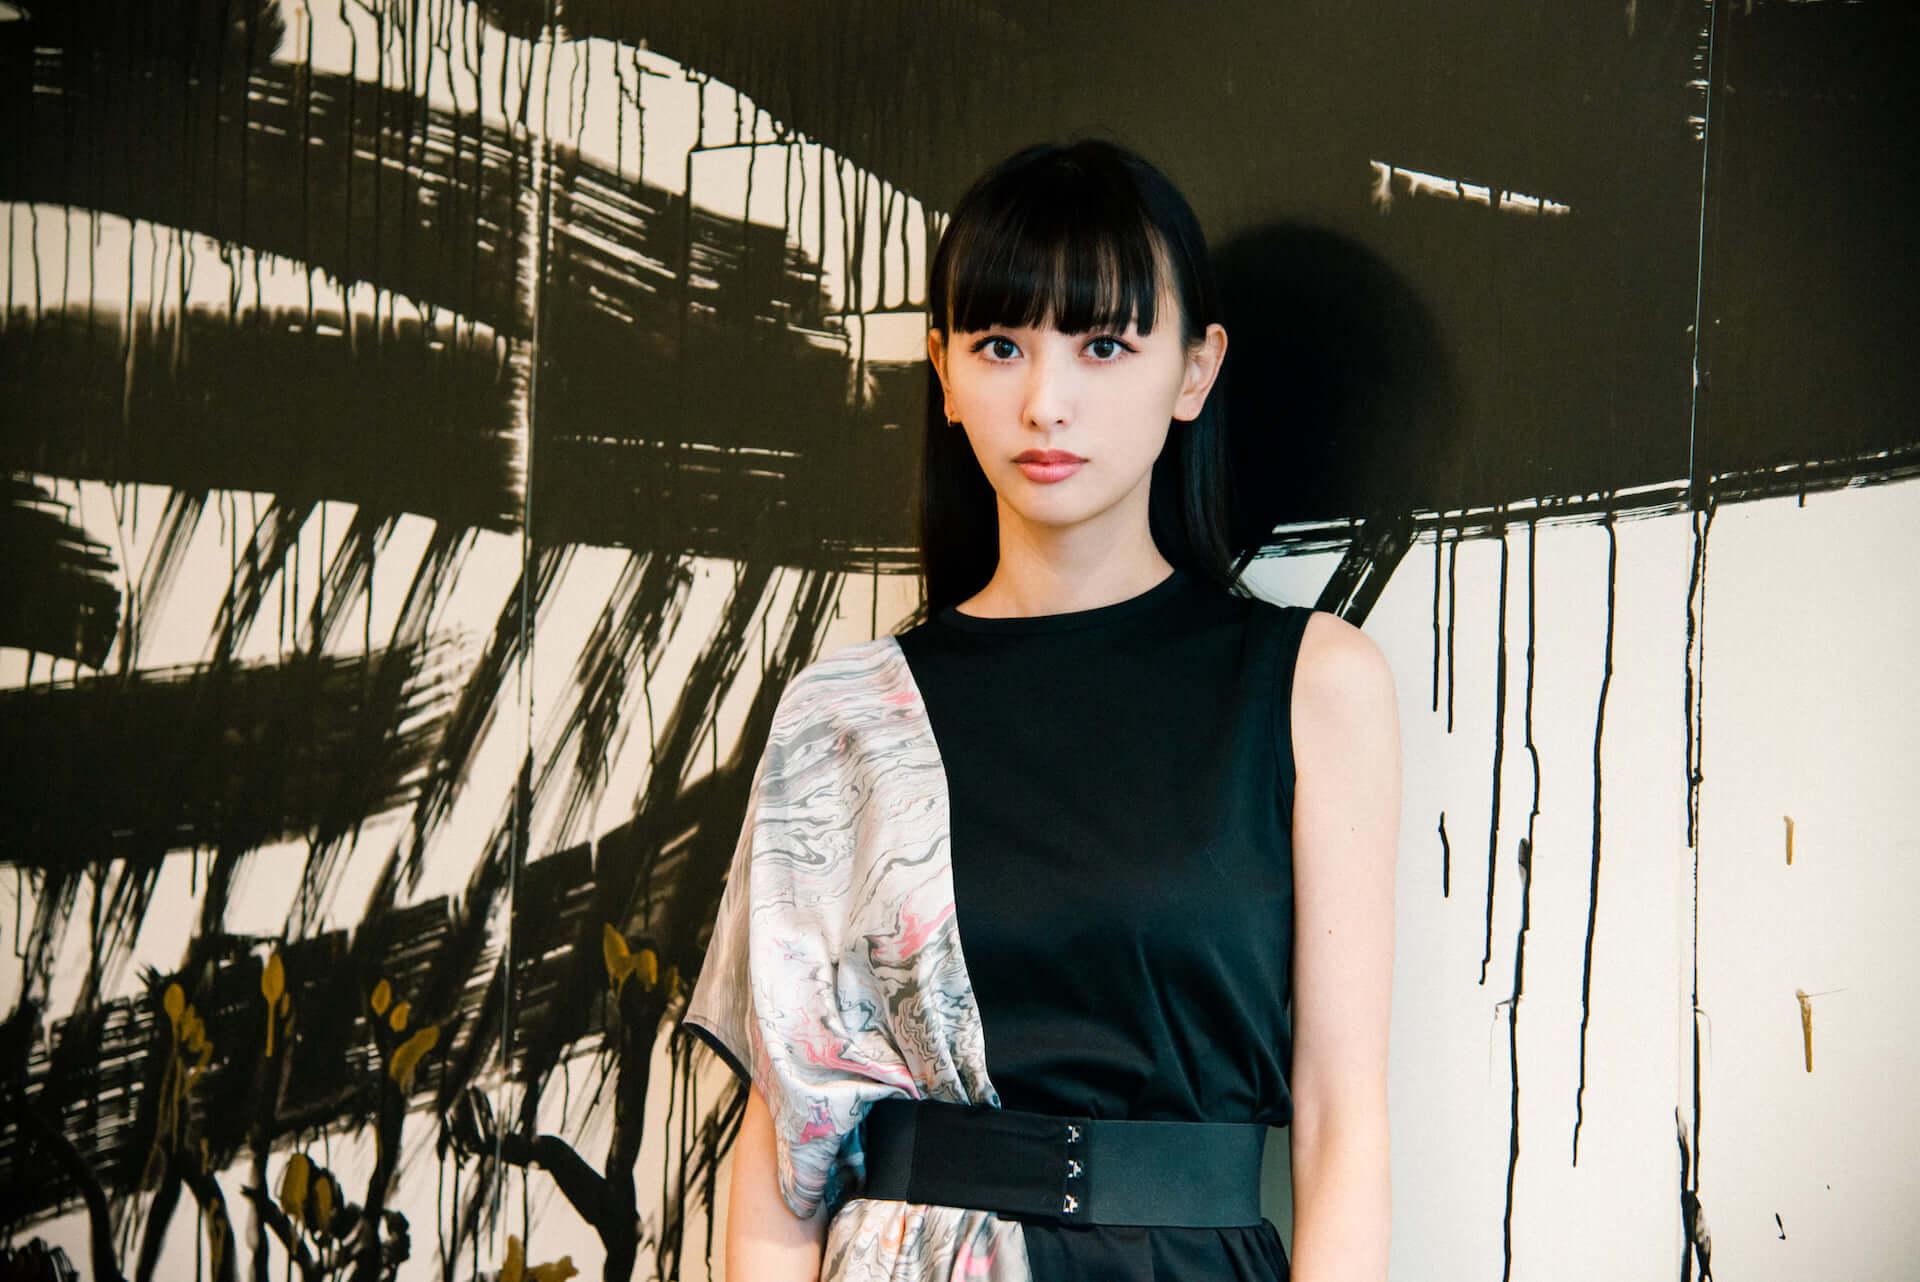 Amazon Fashionの新プログラム「The Drop」から鈴木えみが手がけるコレクションがローンチ!デザイナーとしての素顔に迫る interview1008_emisuzuki_3577-Edit-fix-1920x1282